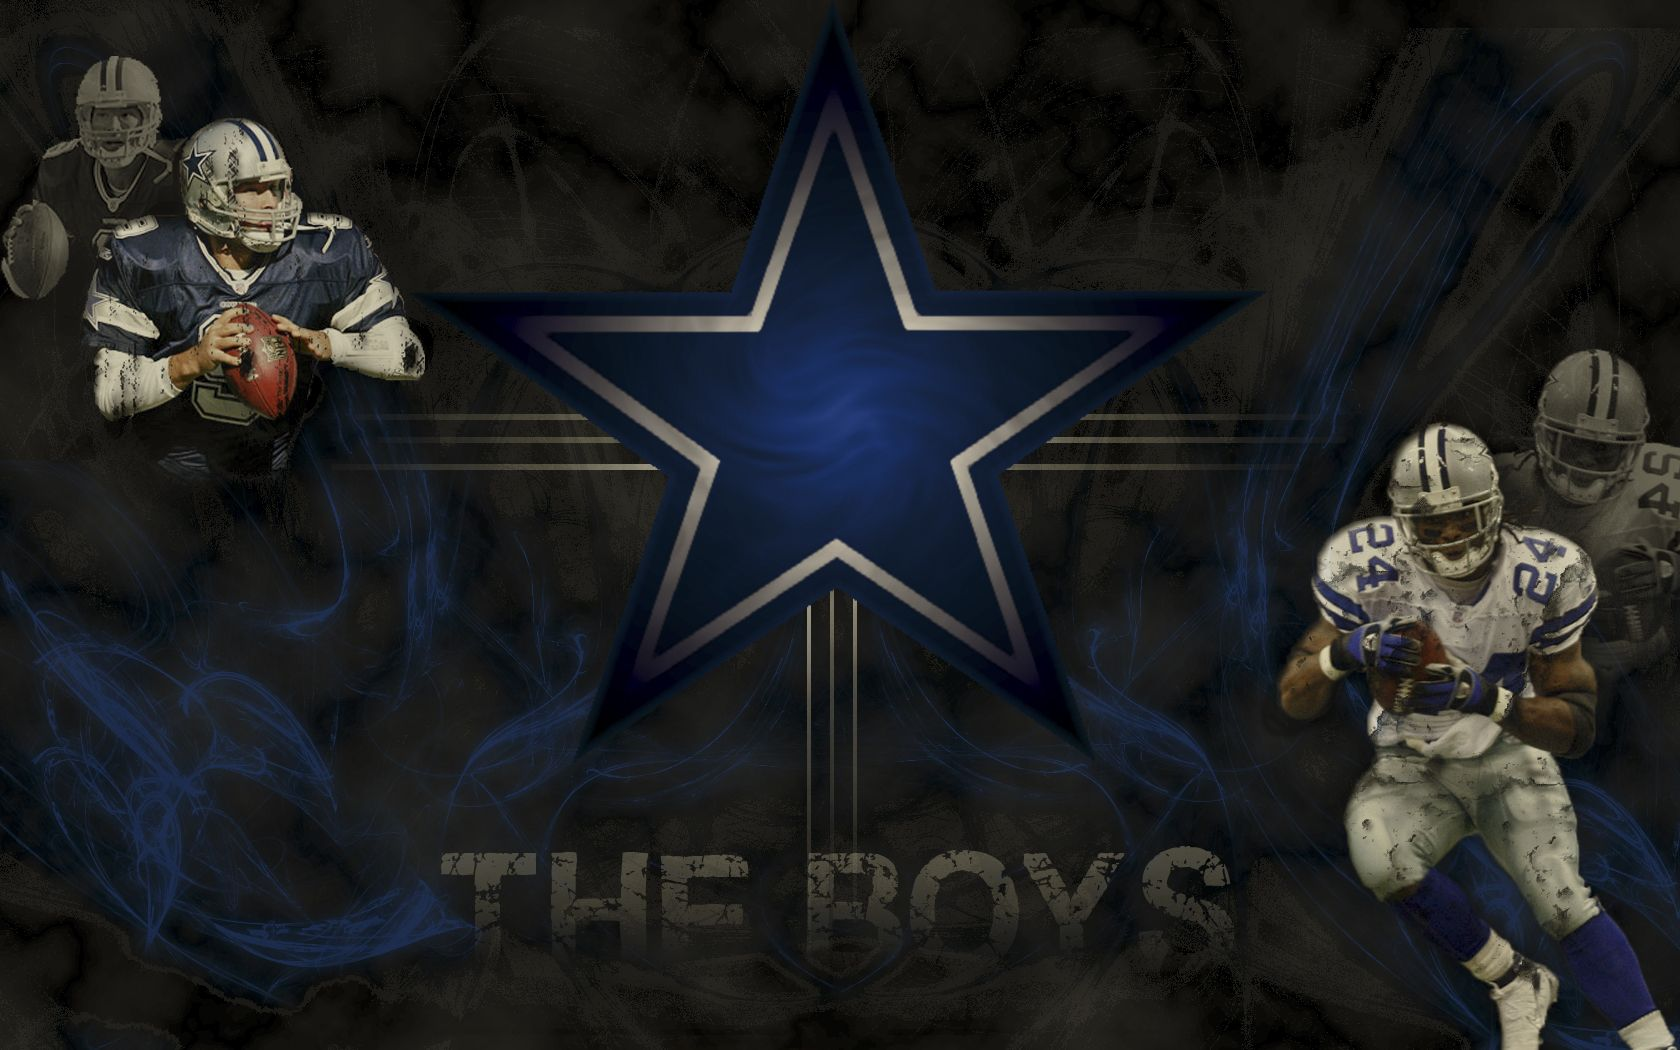 Dallas Cowboys Backgrounds Dallas Cowboys Hd Wallpaper Dallas Cowboys Hd Wallpaper Dallas Cowboys Dallas Cowboys Logo Dallas Cowboys Wallpaper Dallas Cowboys